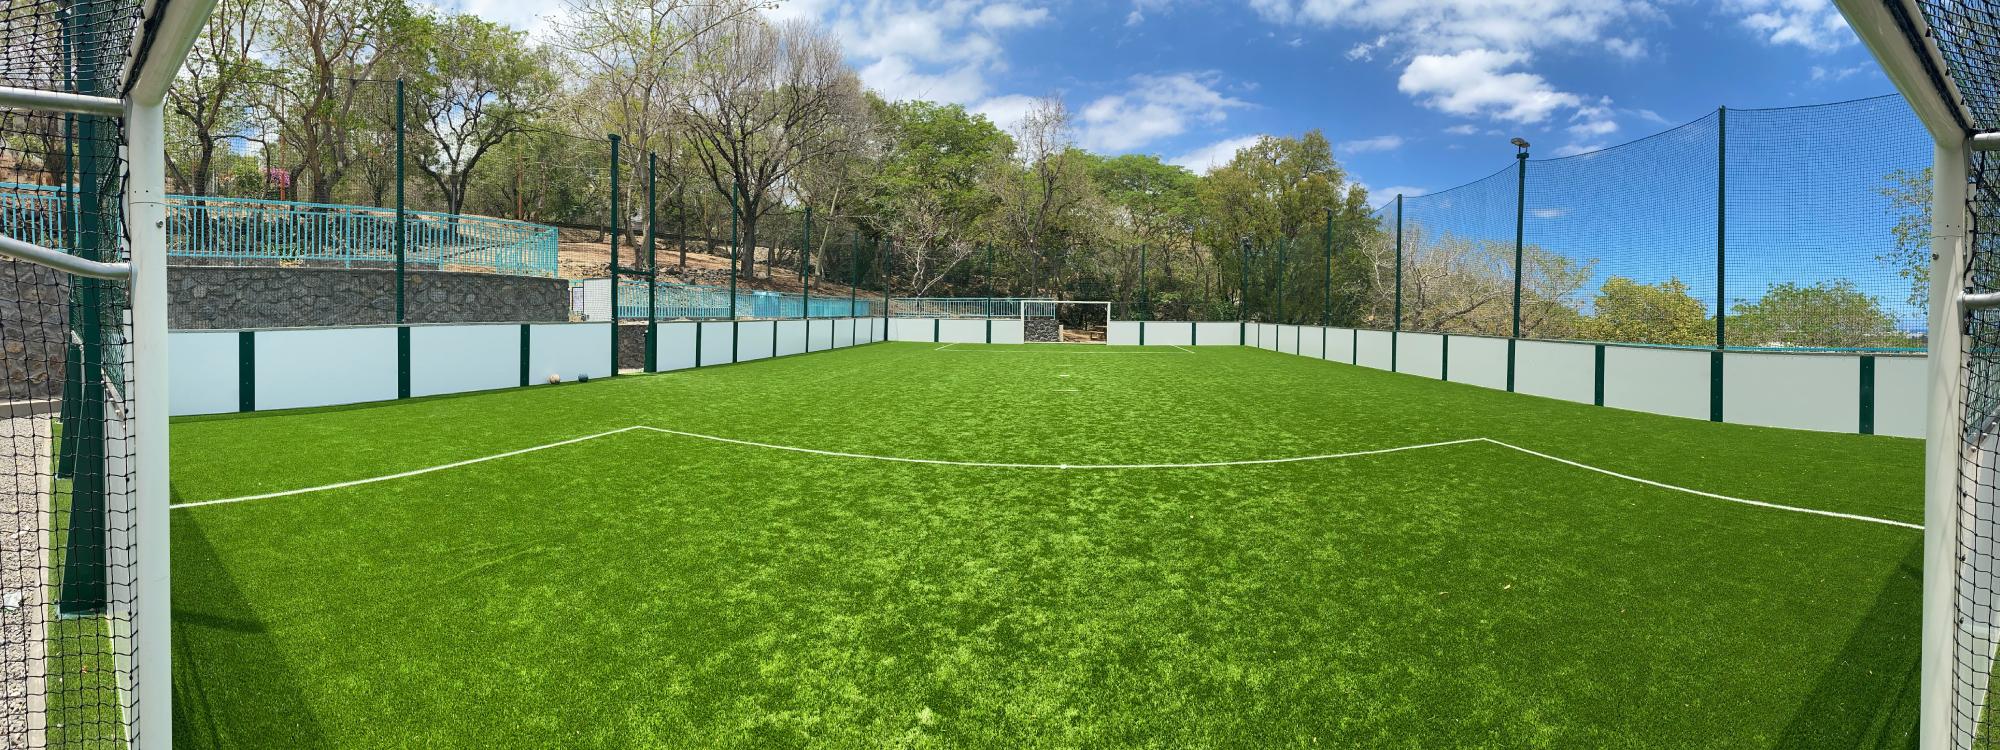 Terrains de soccer extérieurs outdoor pour la pratique du foot à 5